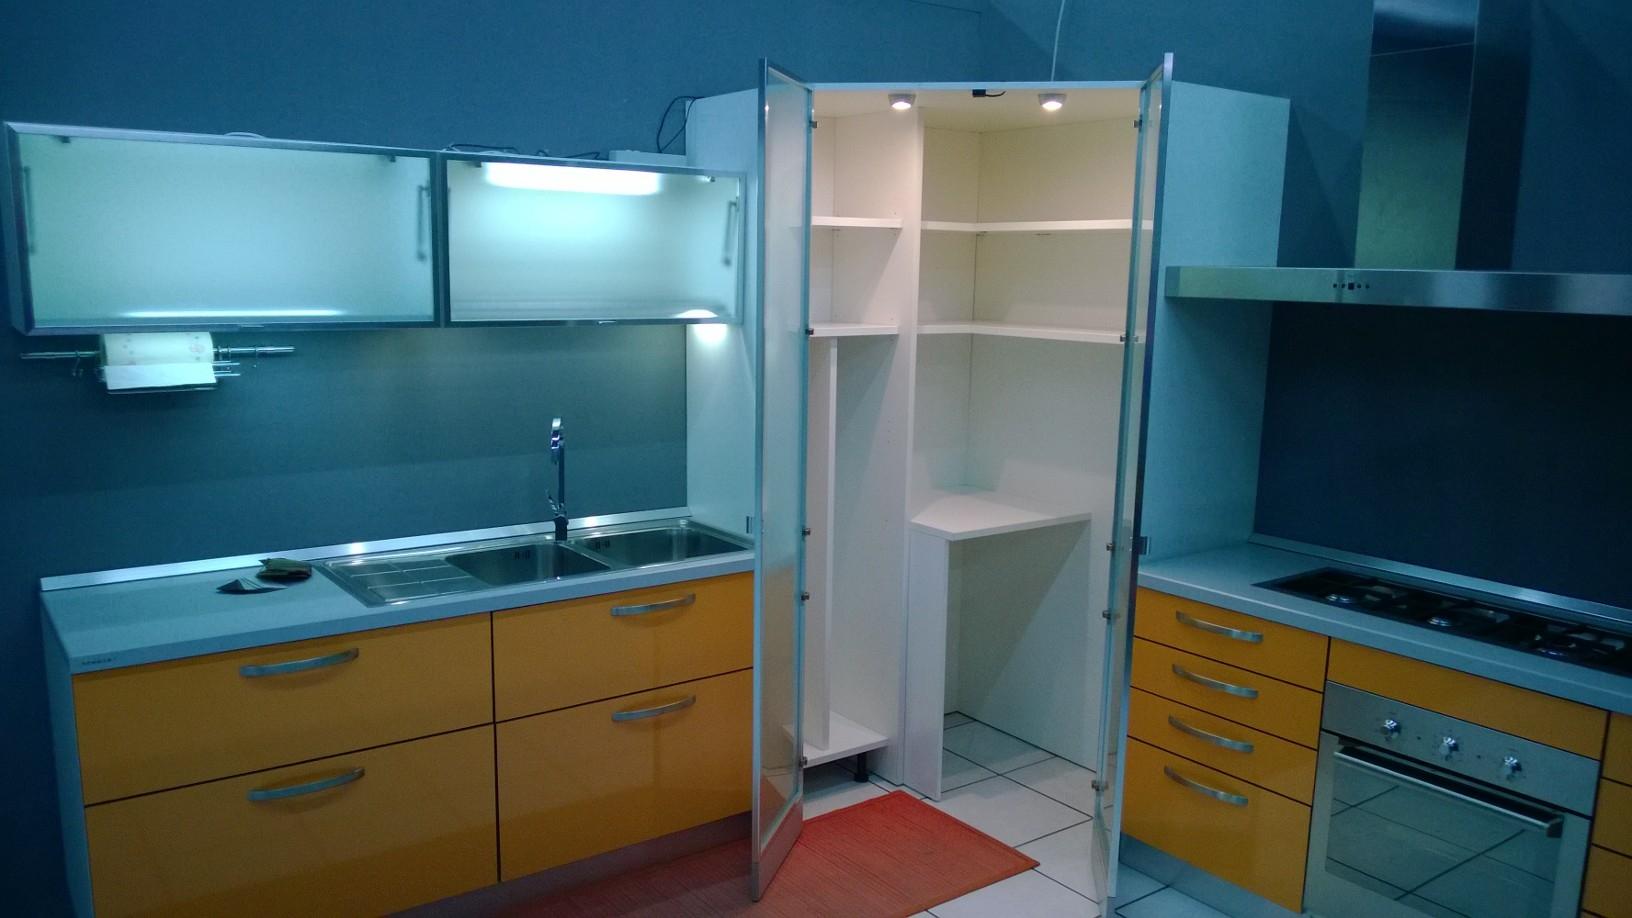 Cucina showroom scontata cucine a prezzi scontati - Cucine componibili con angolo ...